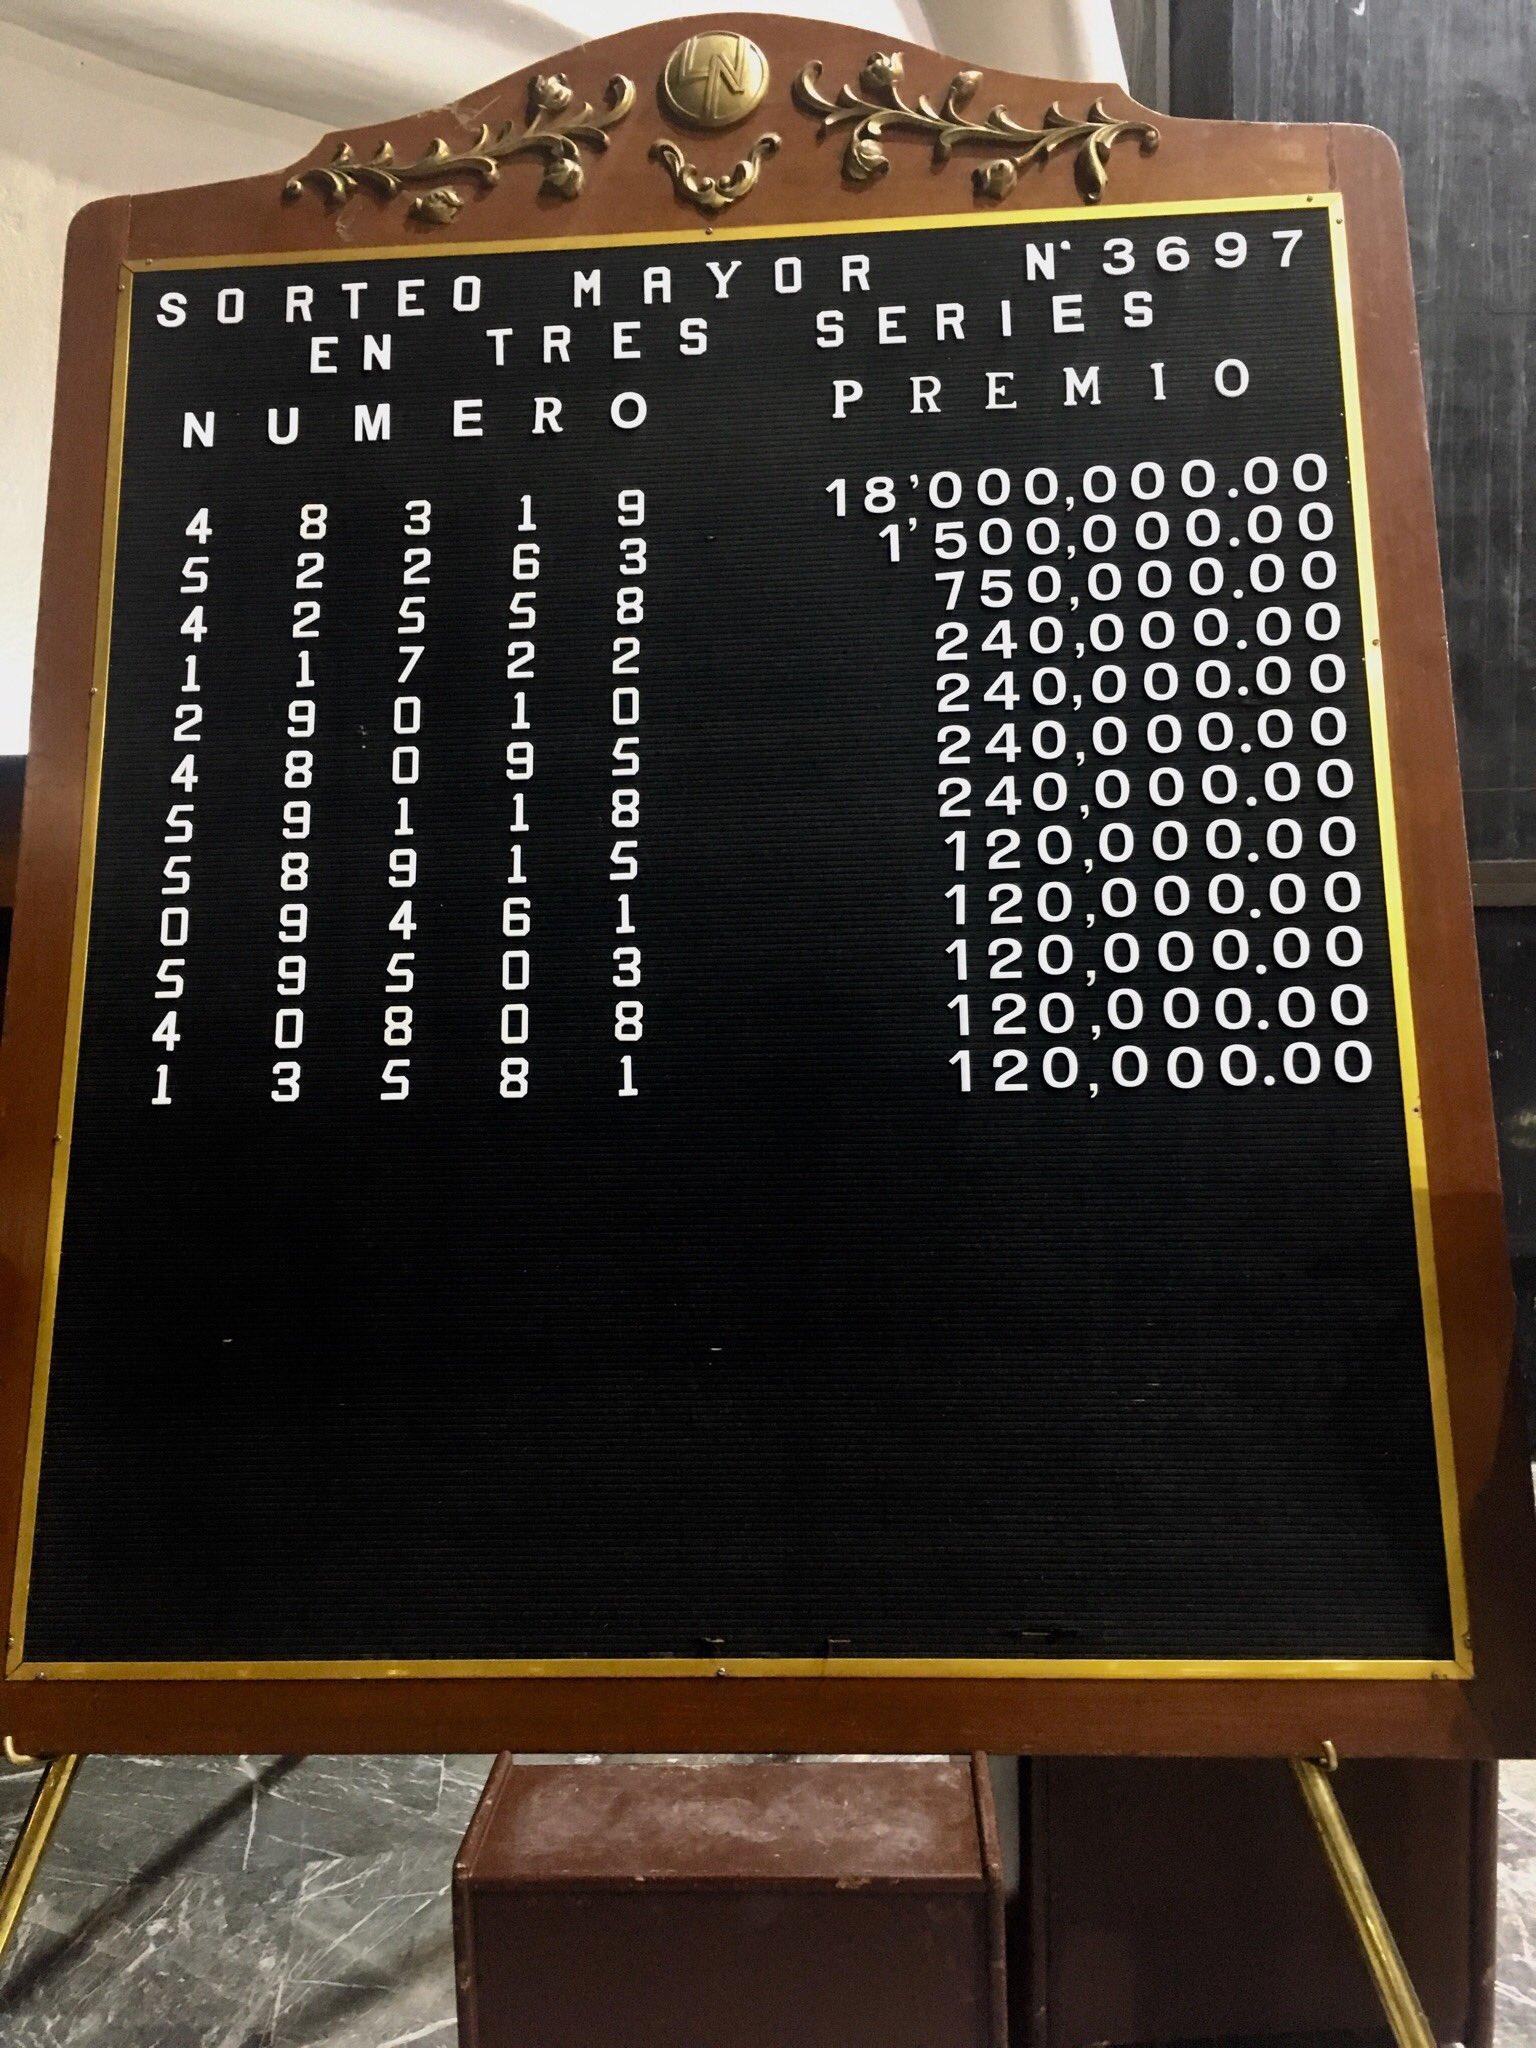 Sorteo Mayor 3697